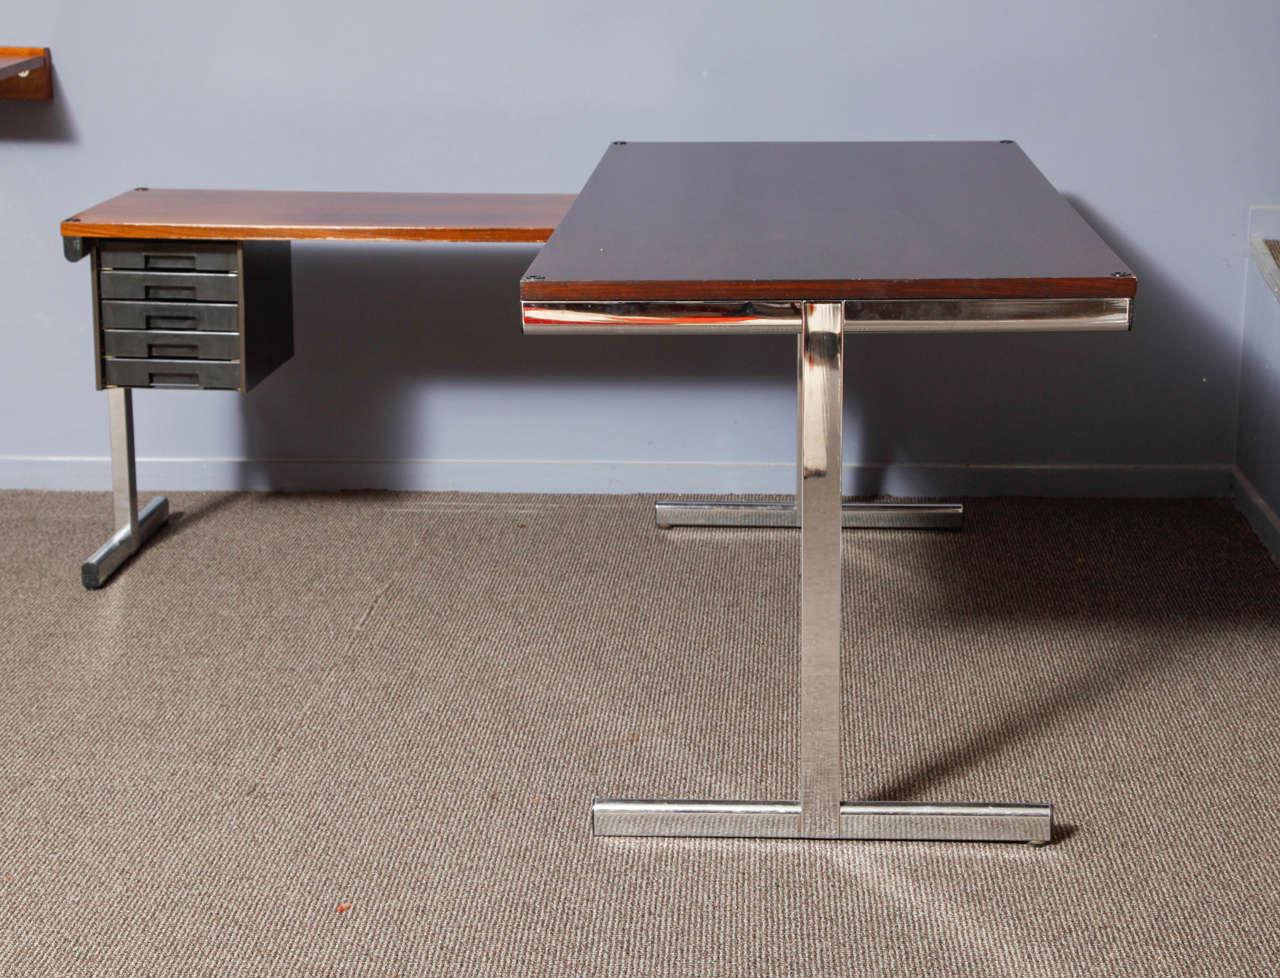 Mobili Italiani Moderni : Executive desk from mim mobili italiani moderni modernism